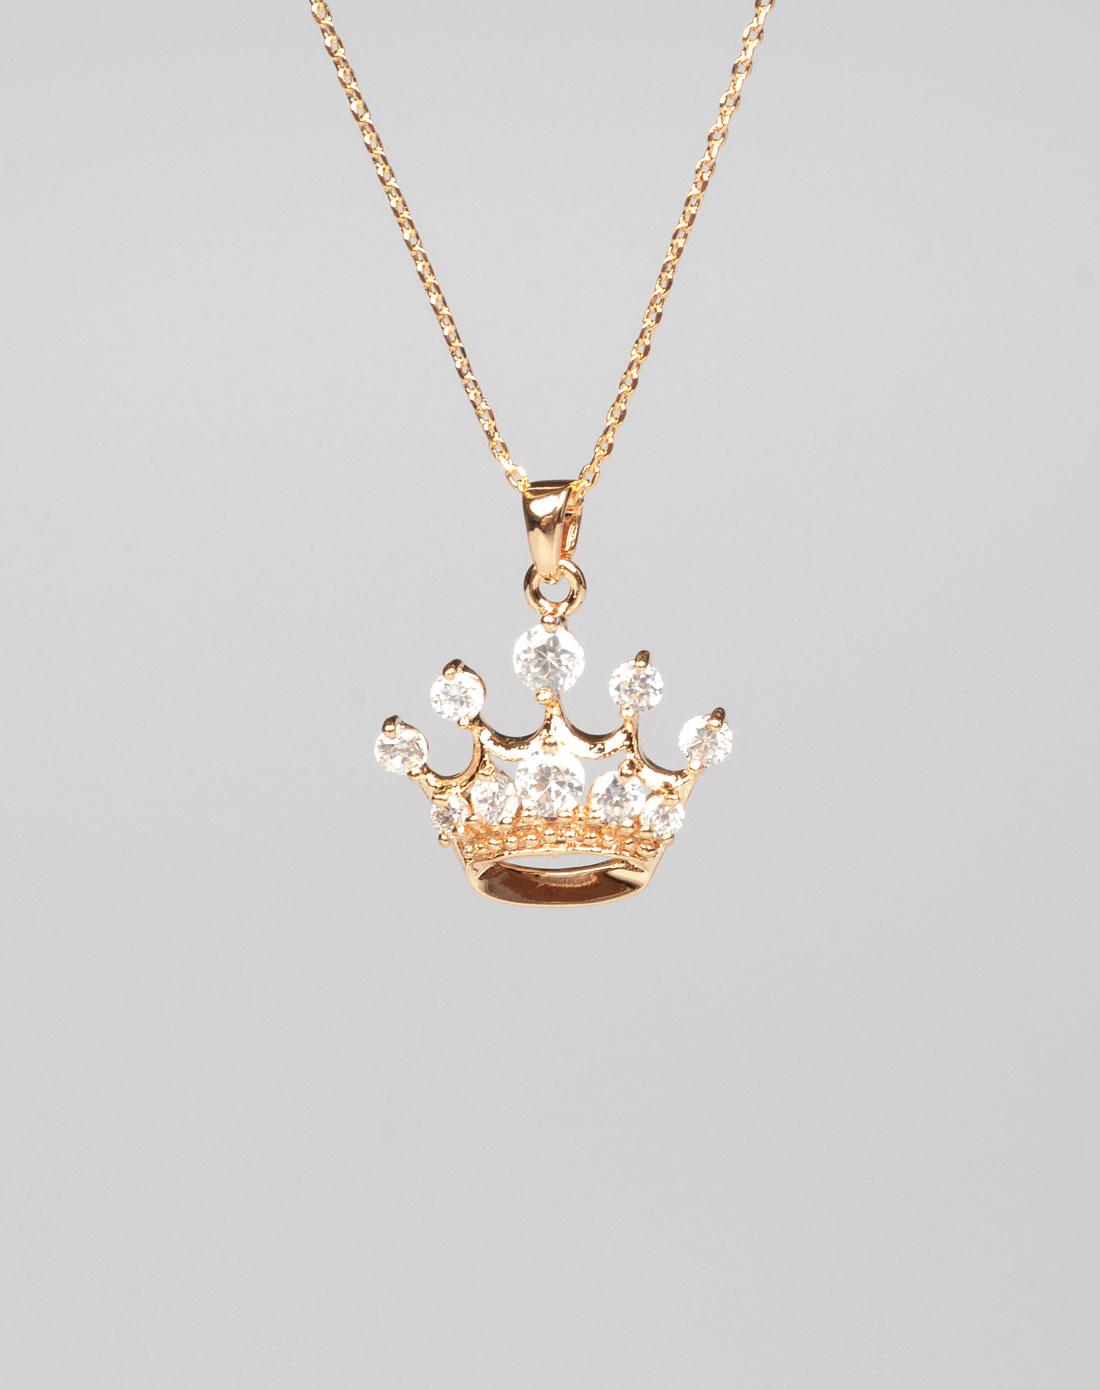 公主皇冠项链